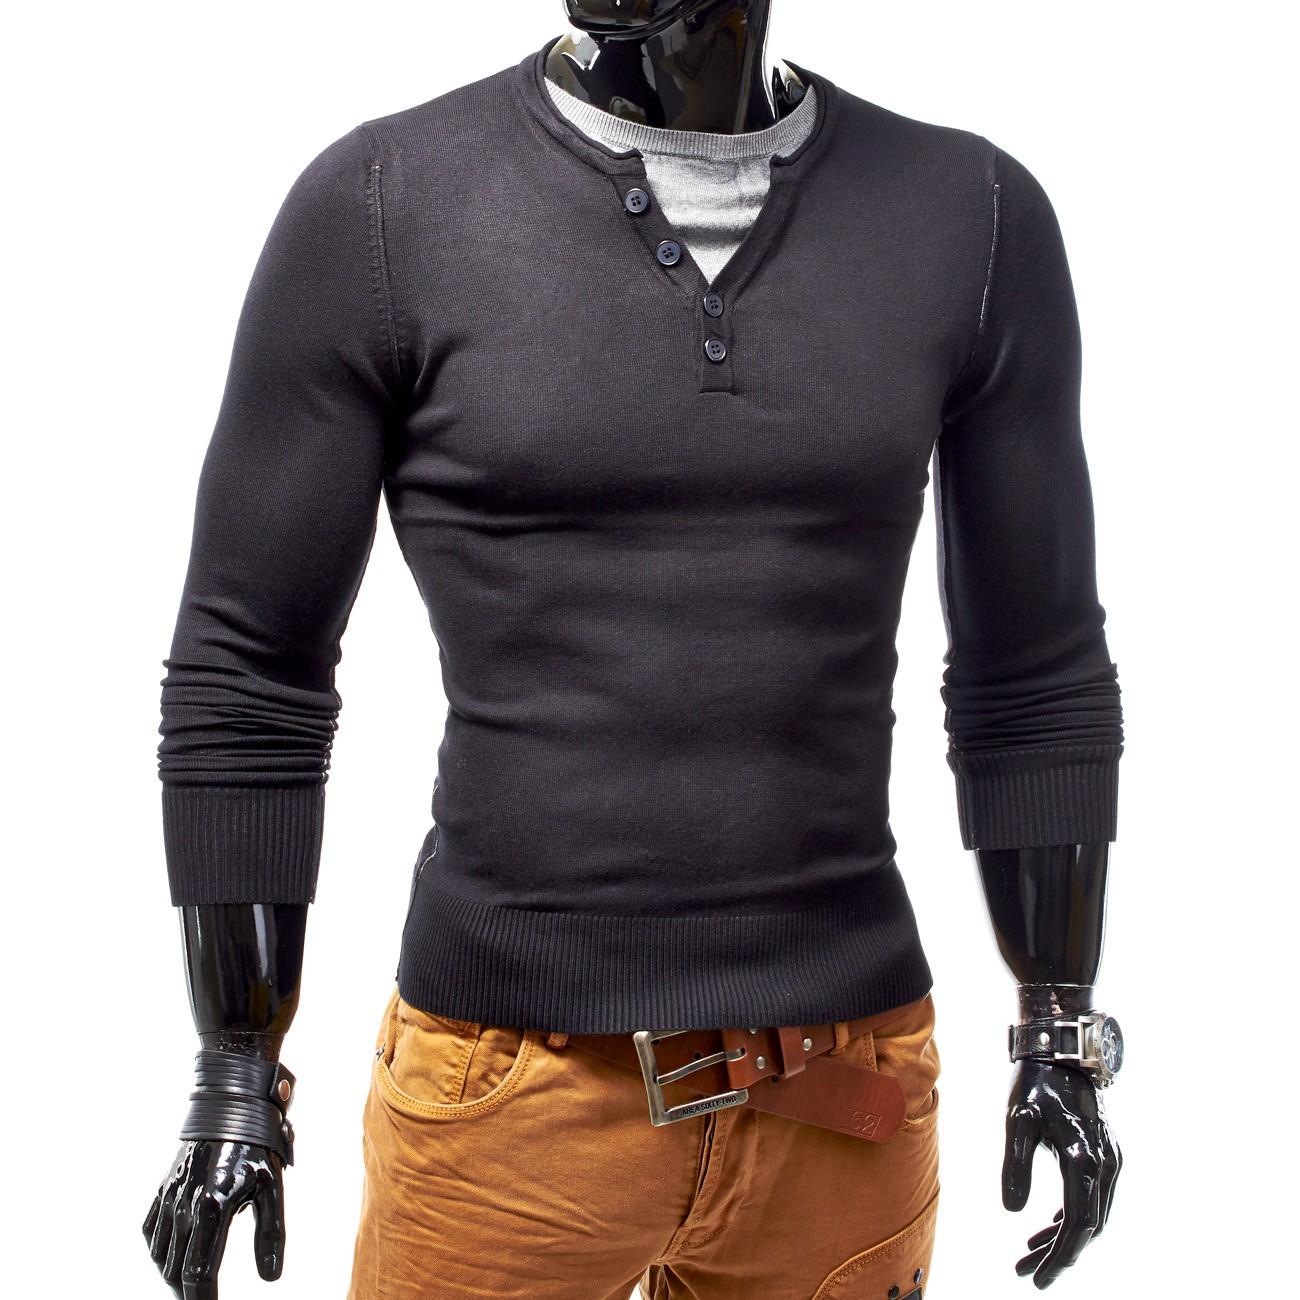 Herren Pullover Sweater Longsleeve Shirt Figurbetont V Neck Straightiator